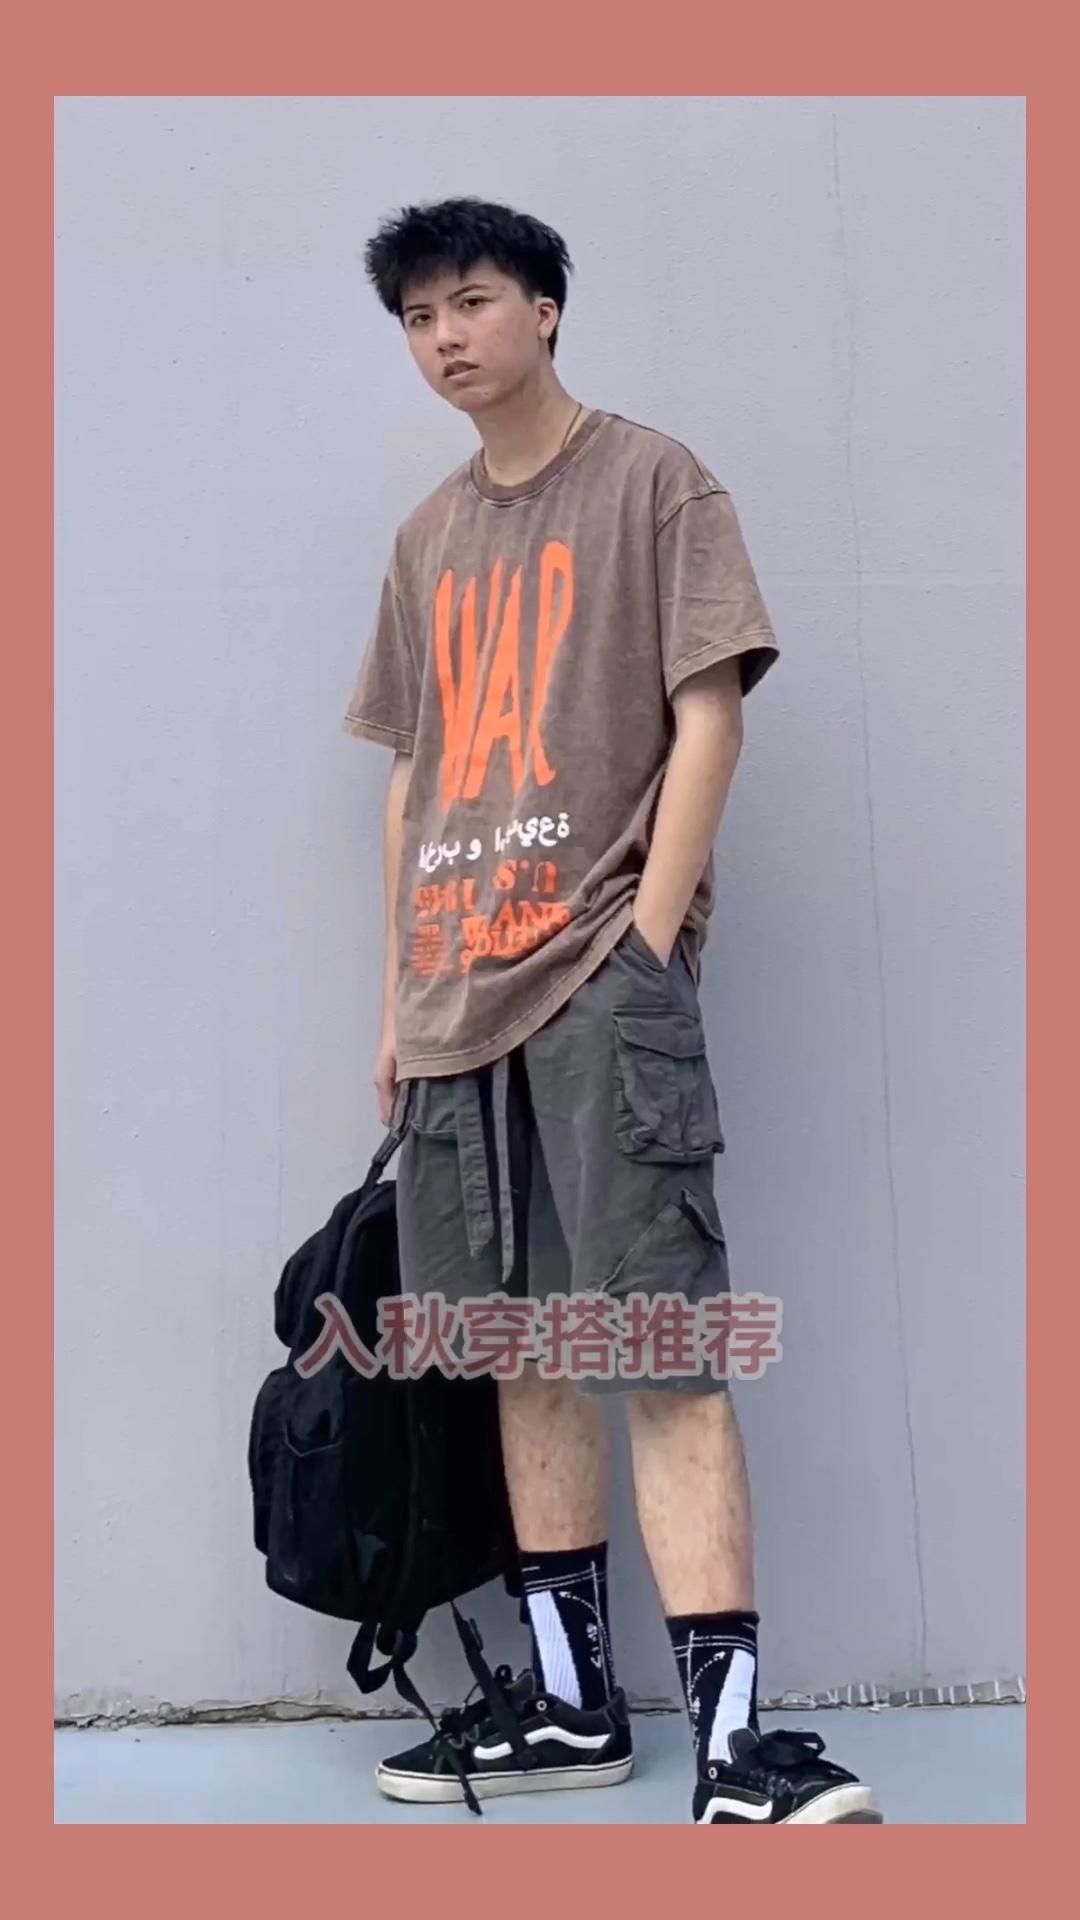 #通勤套装get,上班5分钟!# 上衣 选择了非常耐看的T增加细节 配饰 选择了一个书包🎒进行搭配 裤子 版型非常完美的飘带裤子,用料满分,和整体造型非常和谐,选它 鞋子 这双万斯成为全身穿搭结尾